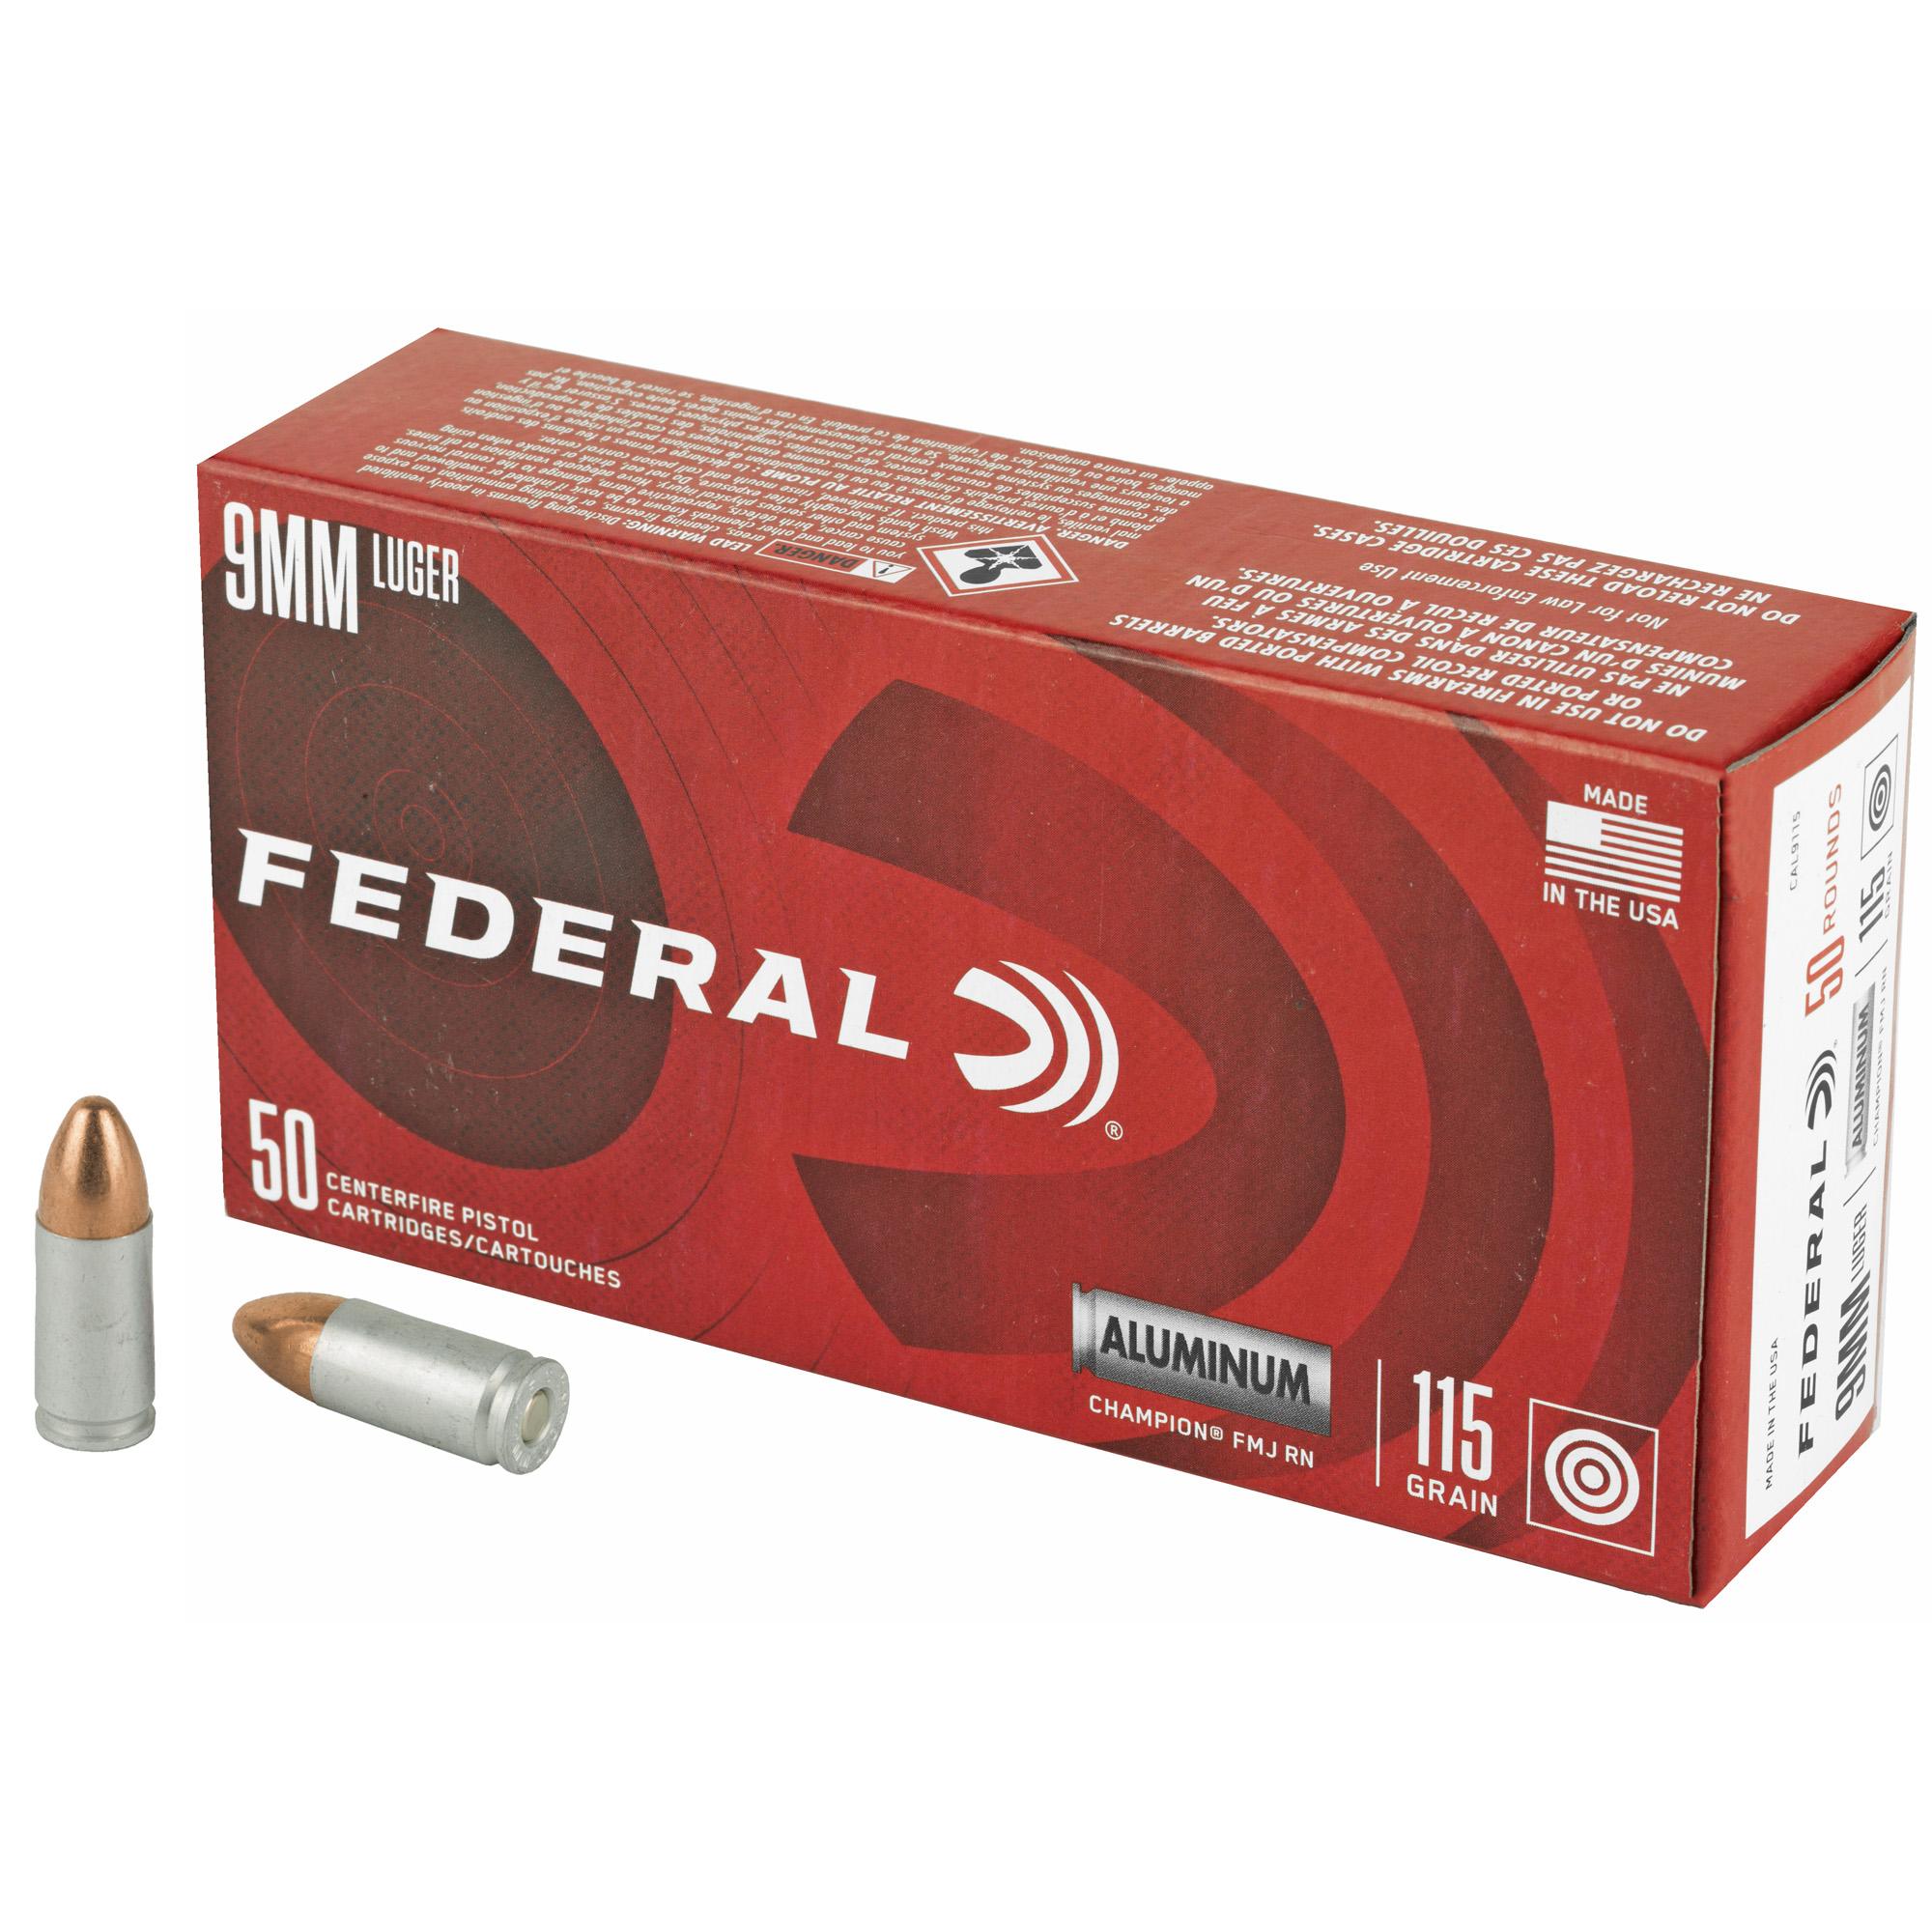 Blazer 9mm 115gr Fmj Alm 50/1000